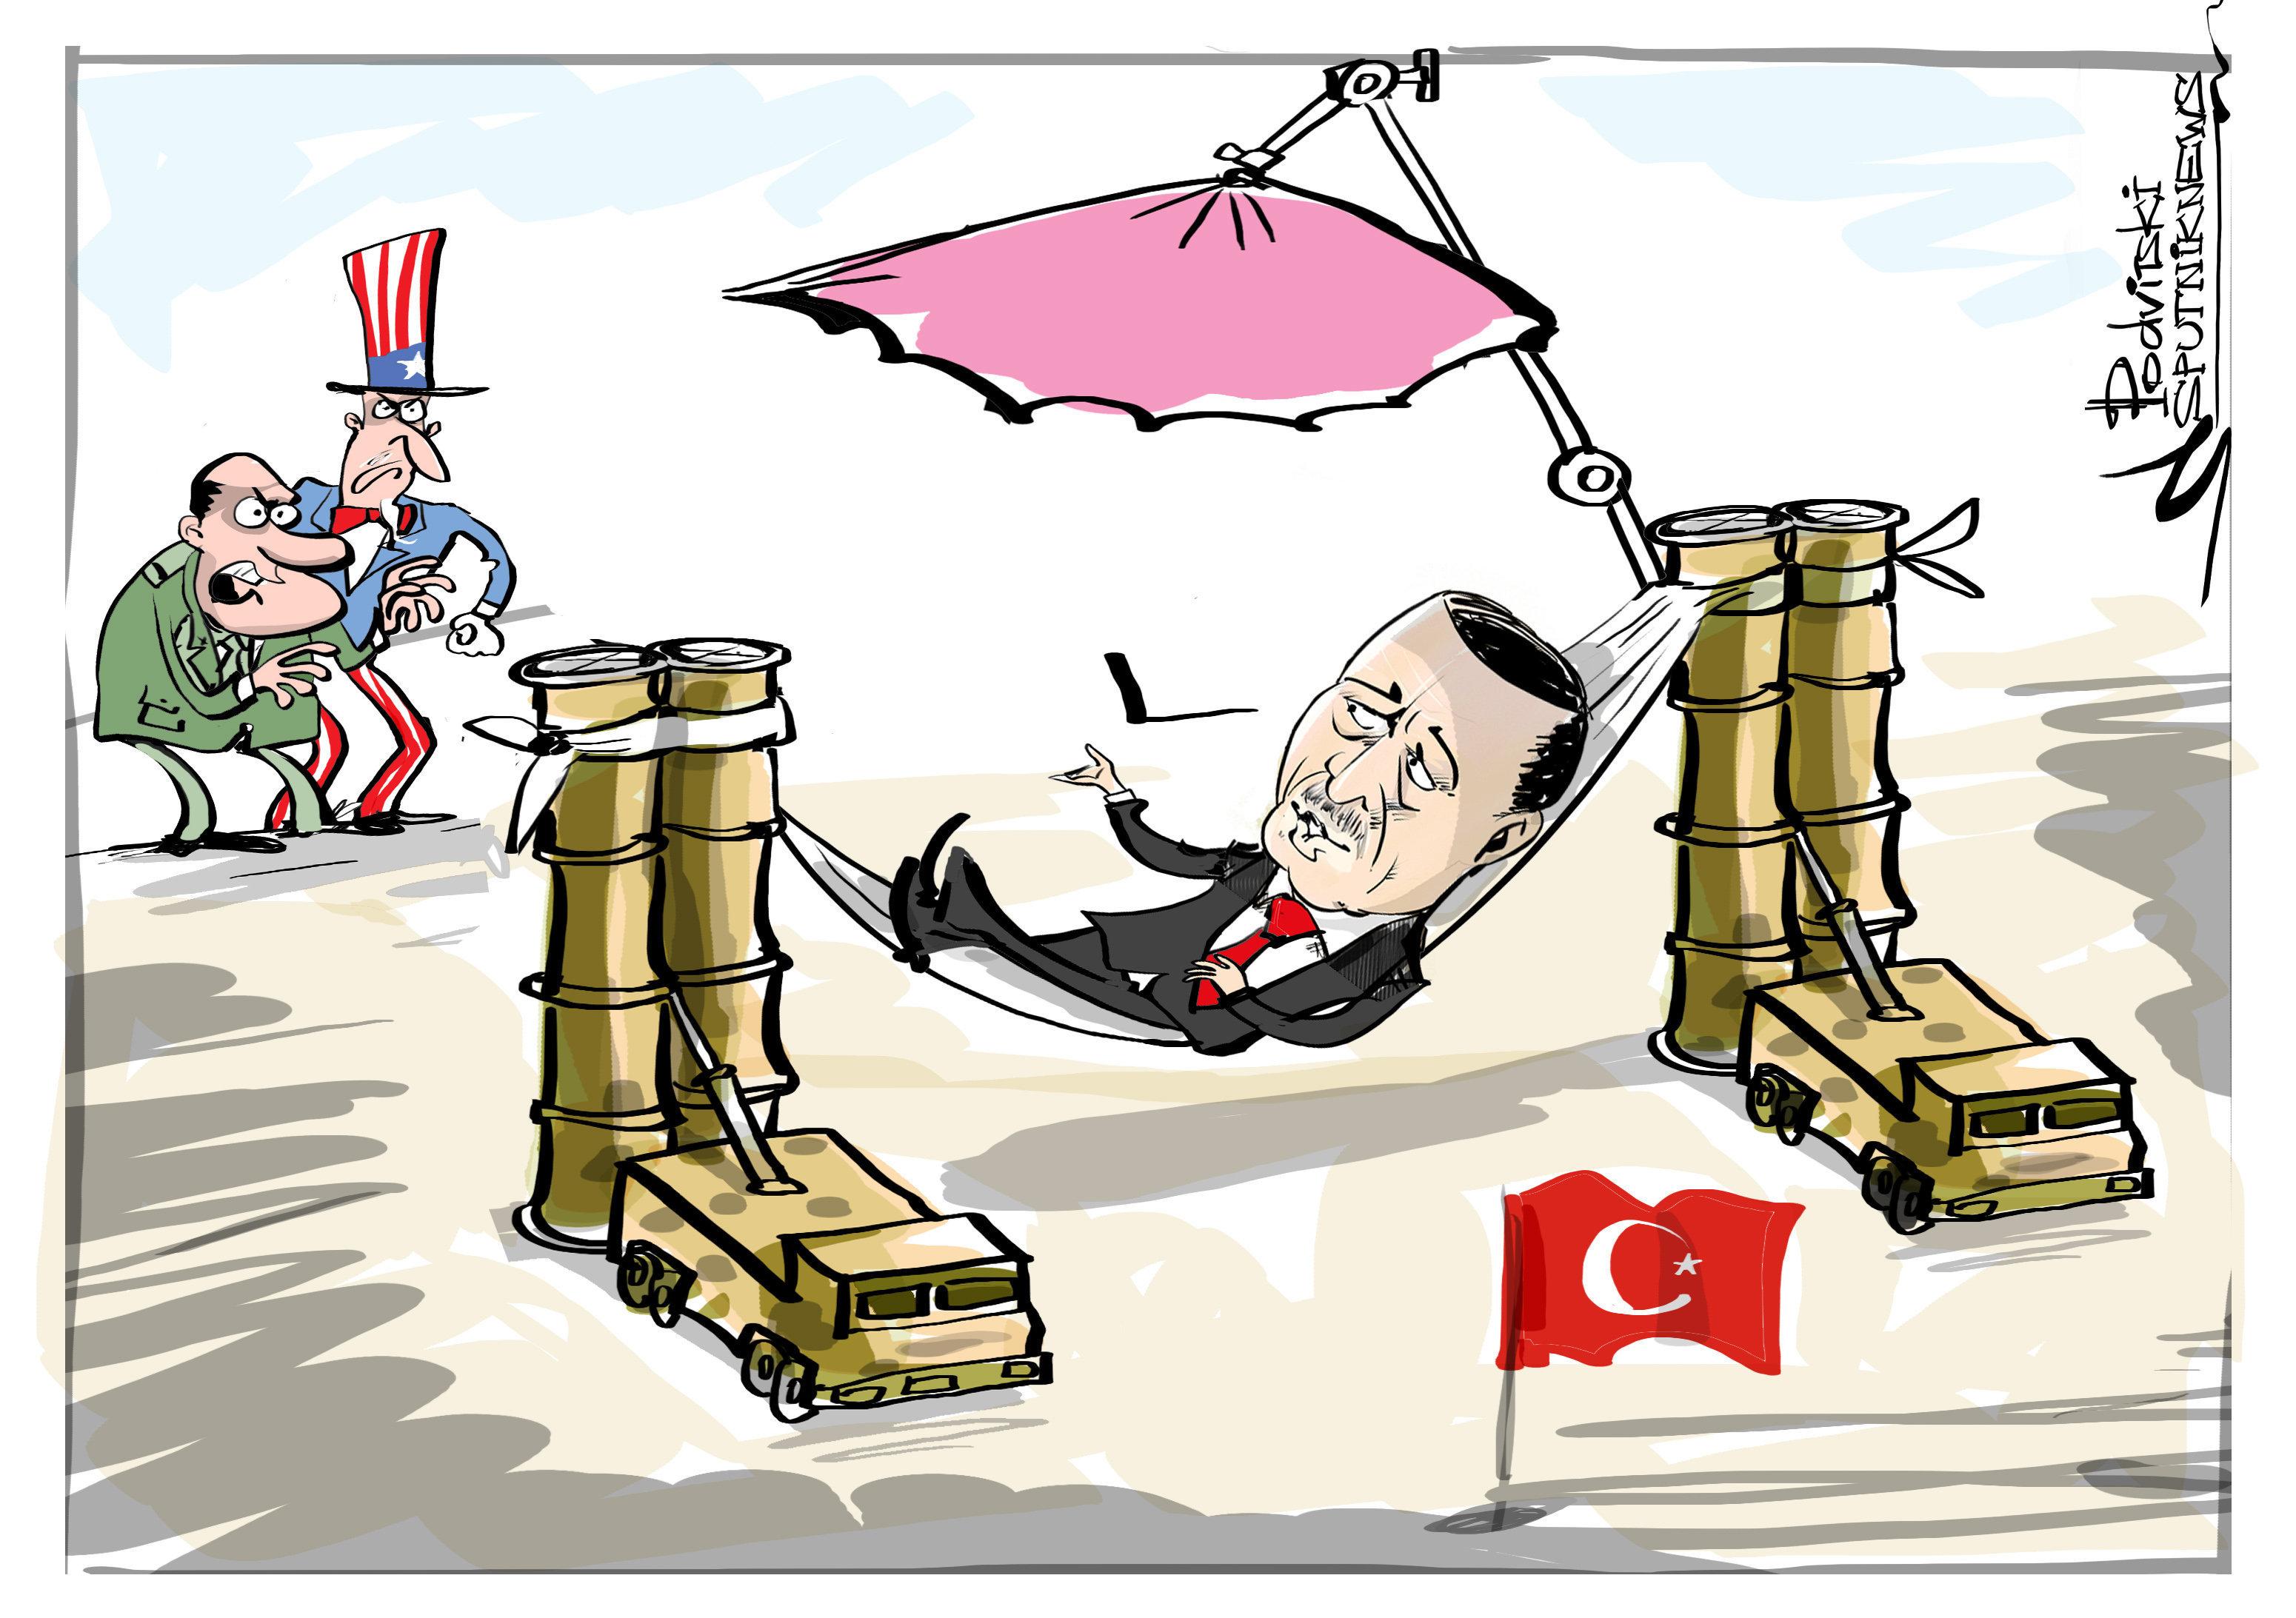 США в бешенстве от соглашения с Россией по С-400